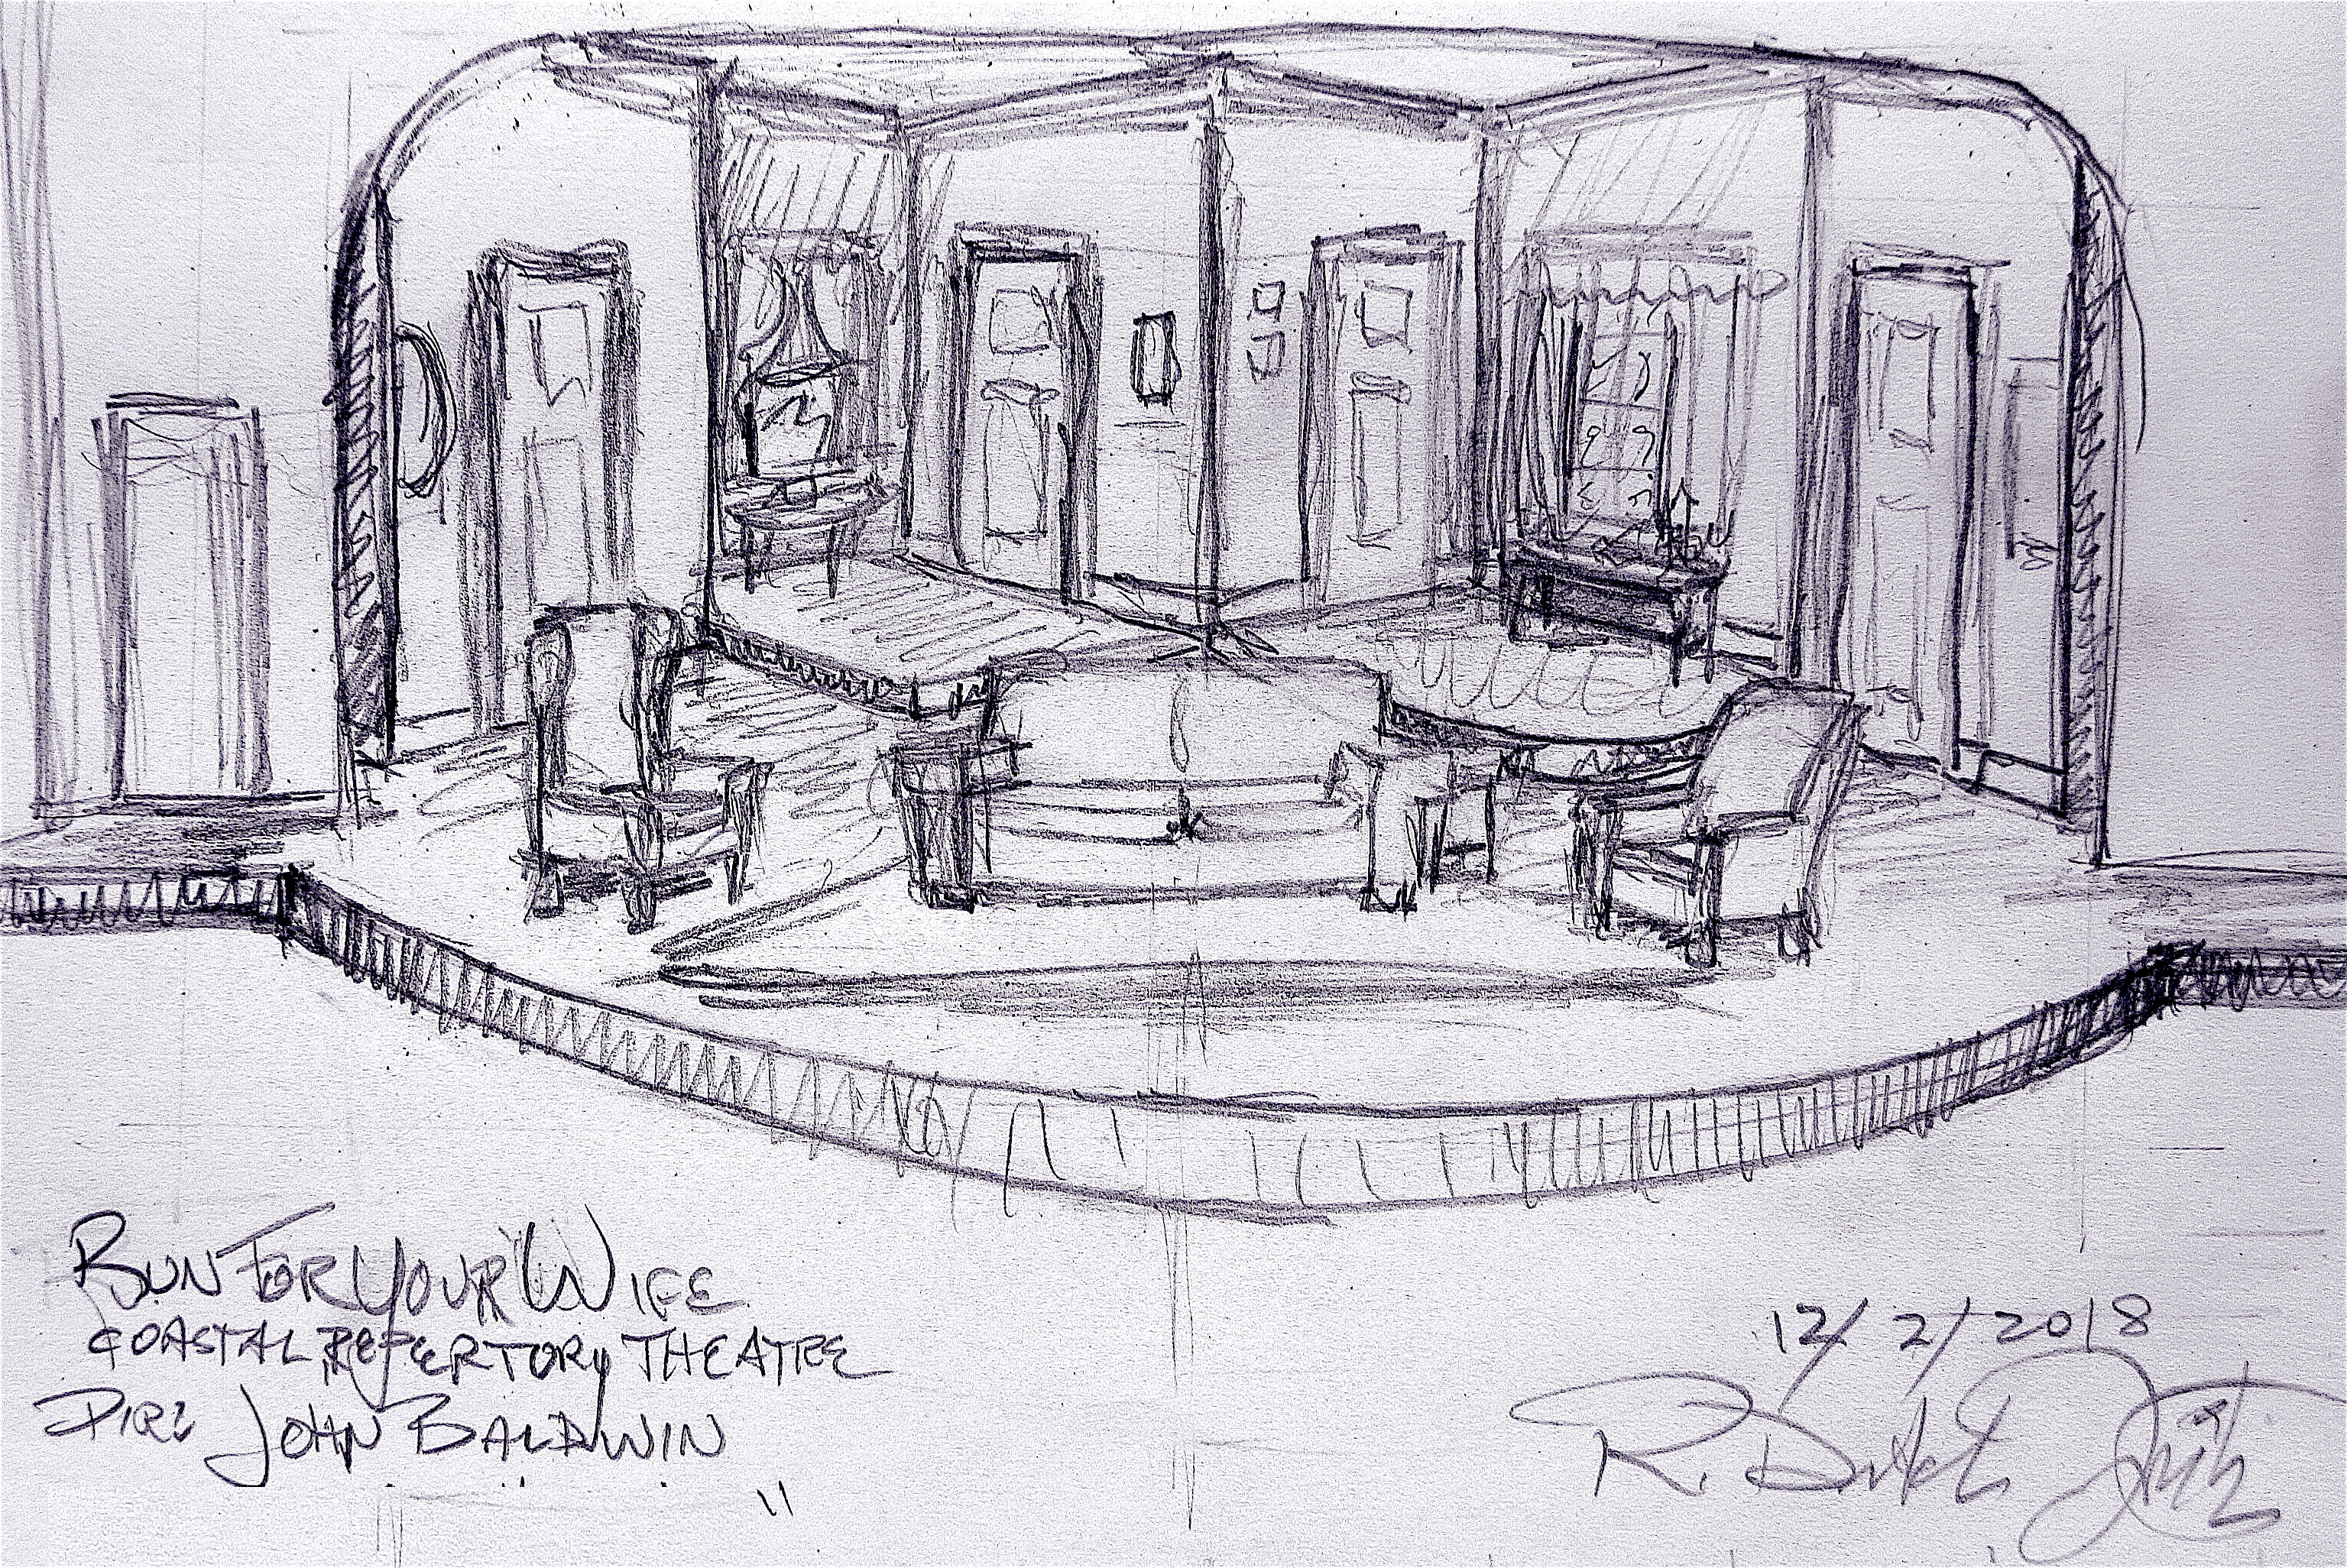 Original concept sketch